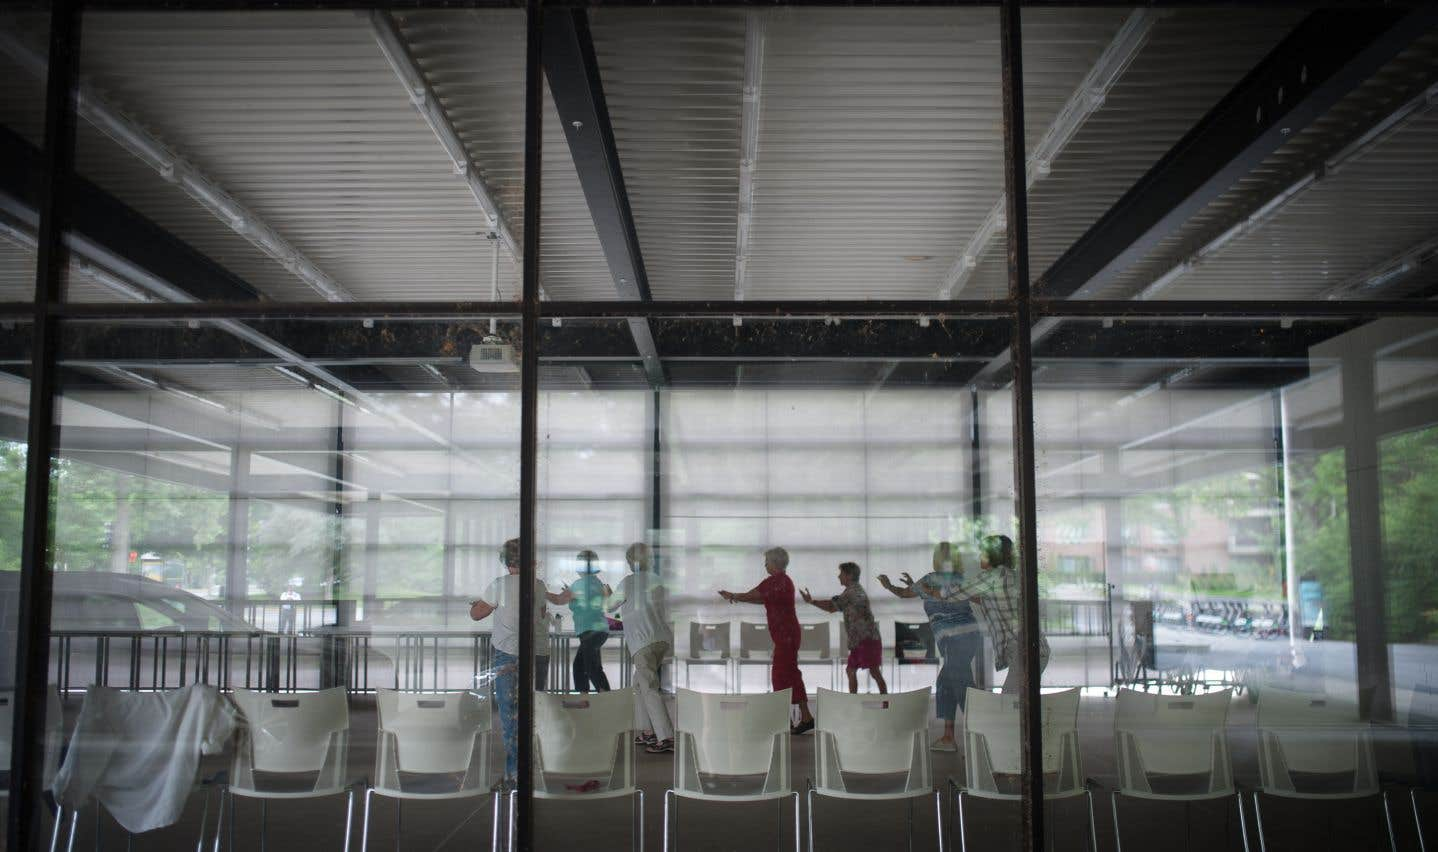 «La Station» est aujourd'hui un centre communautaire, né en 2012 d'une restauration qui l'adébarrassée des éléments propres à une station-service pour faire ressortir ses «qualités profondément miessiennes».